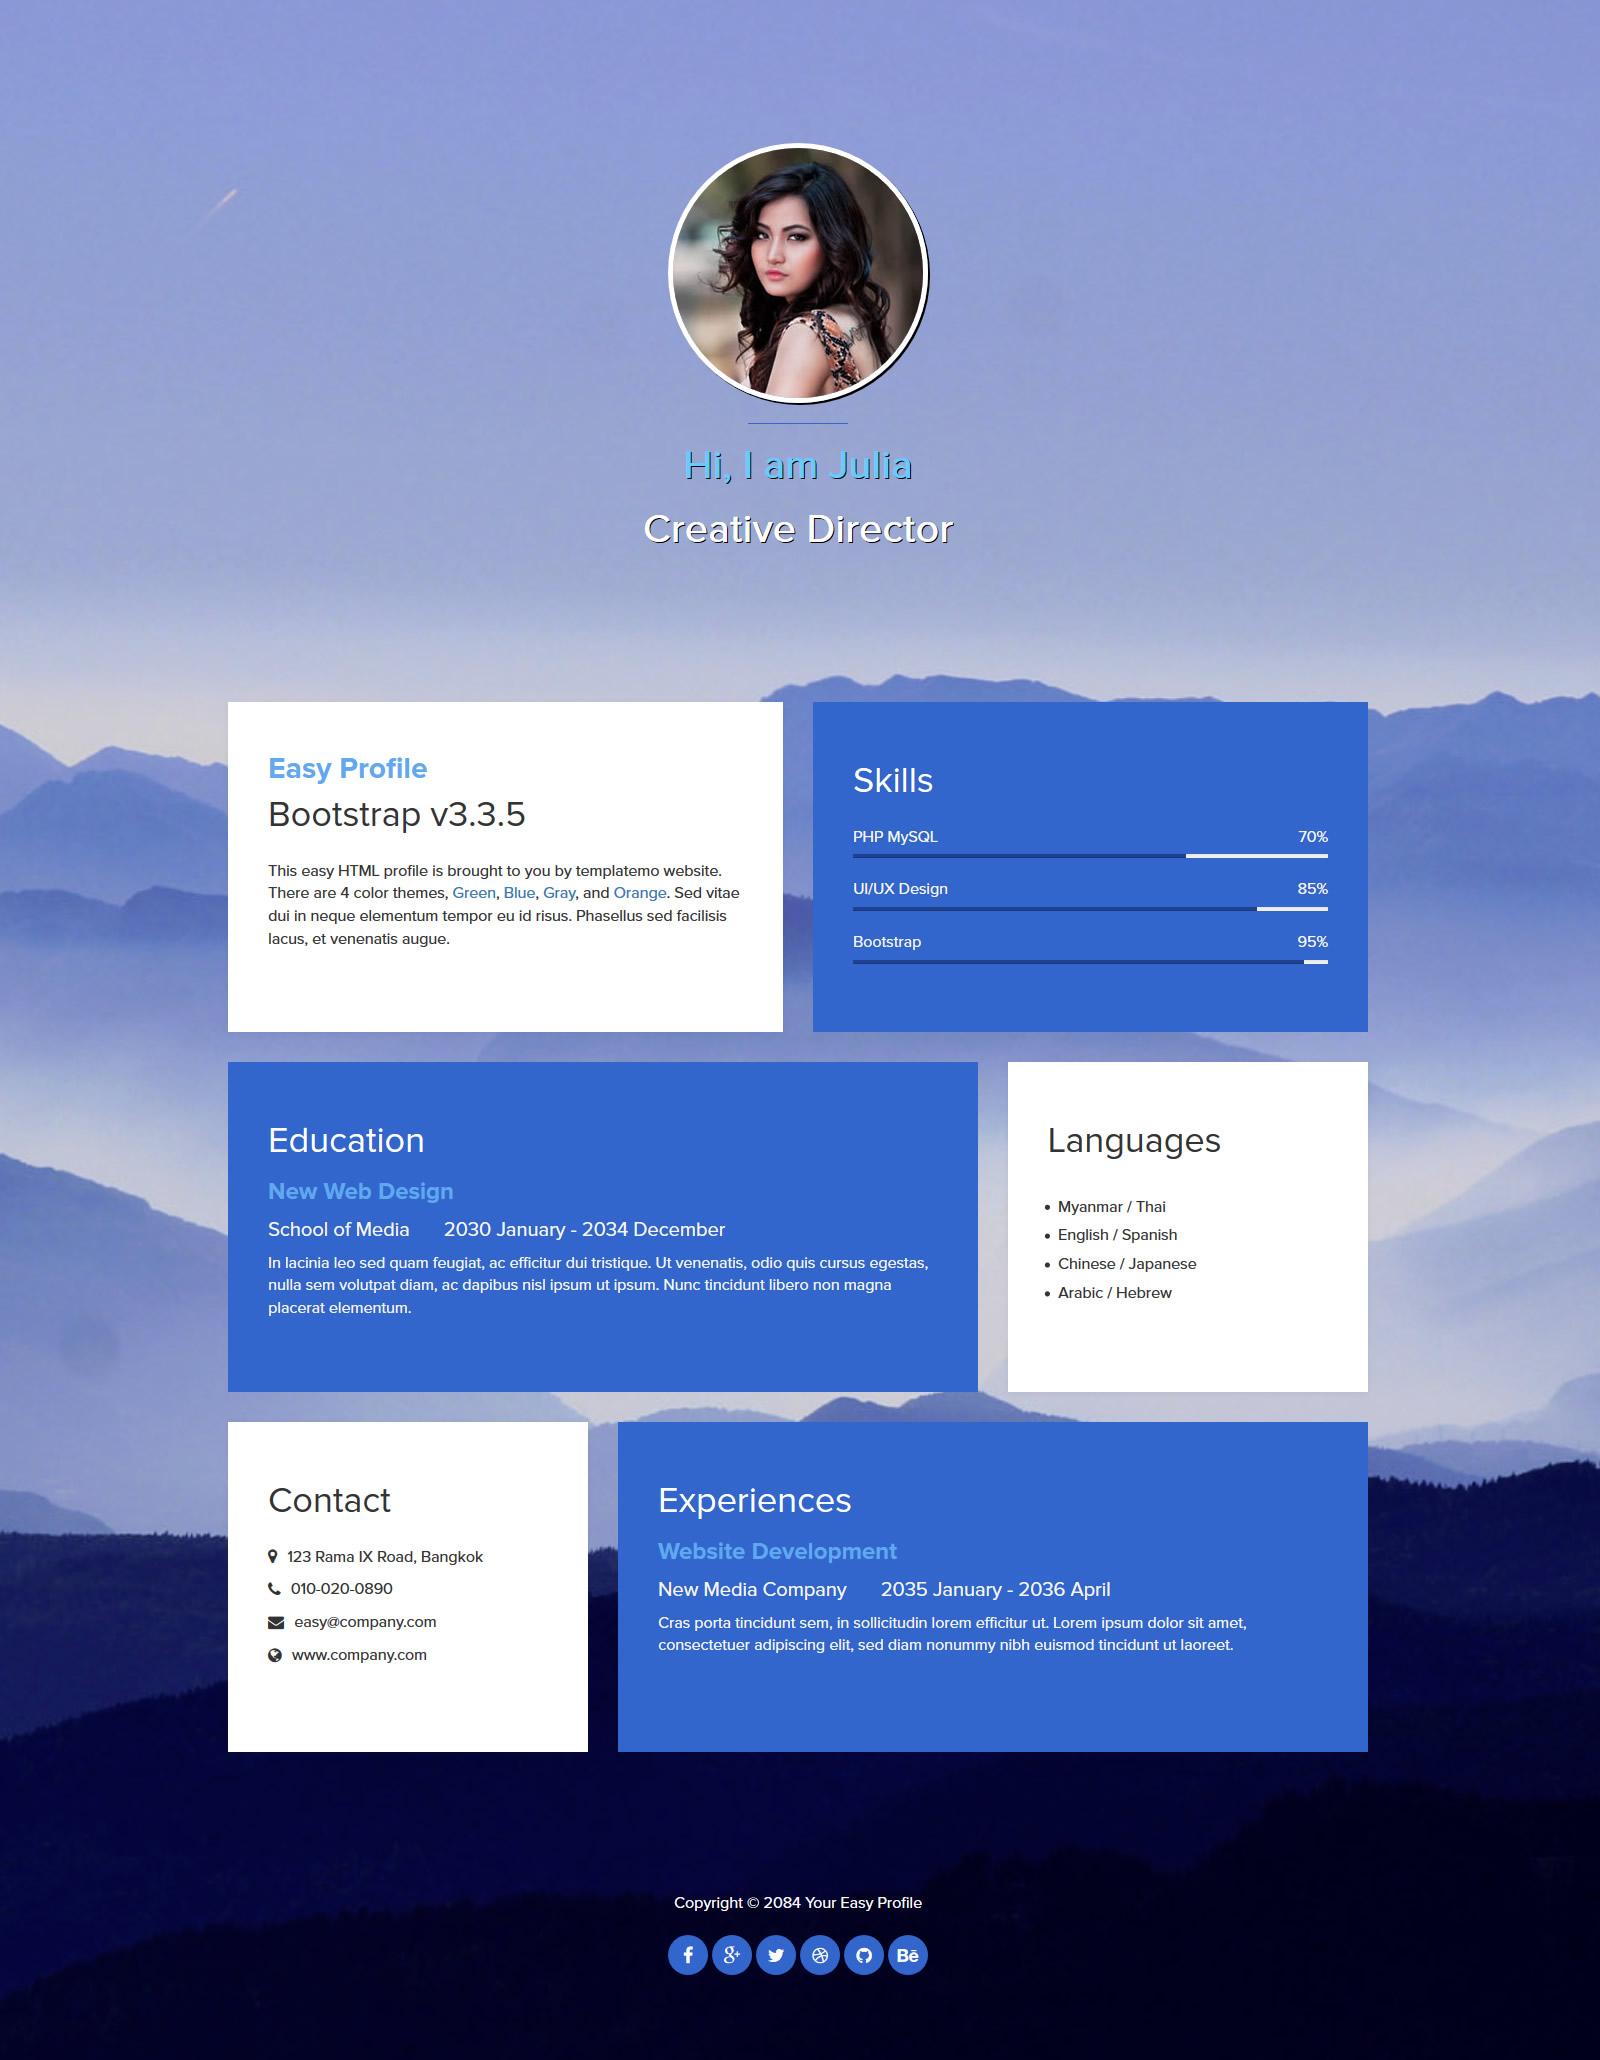 دانلود قالب شخصی و رزومه easy profile